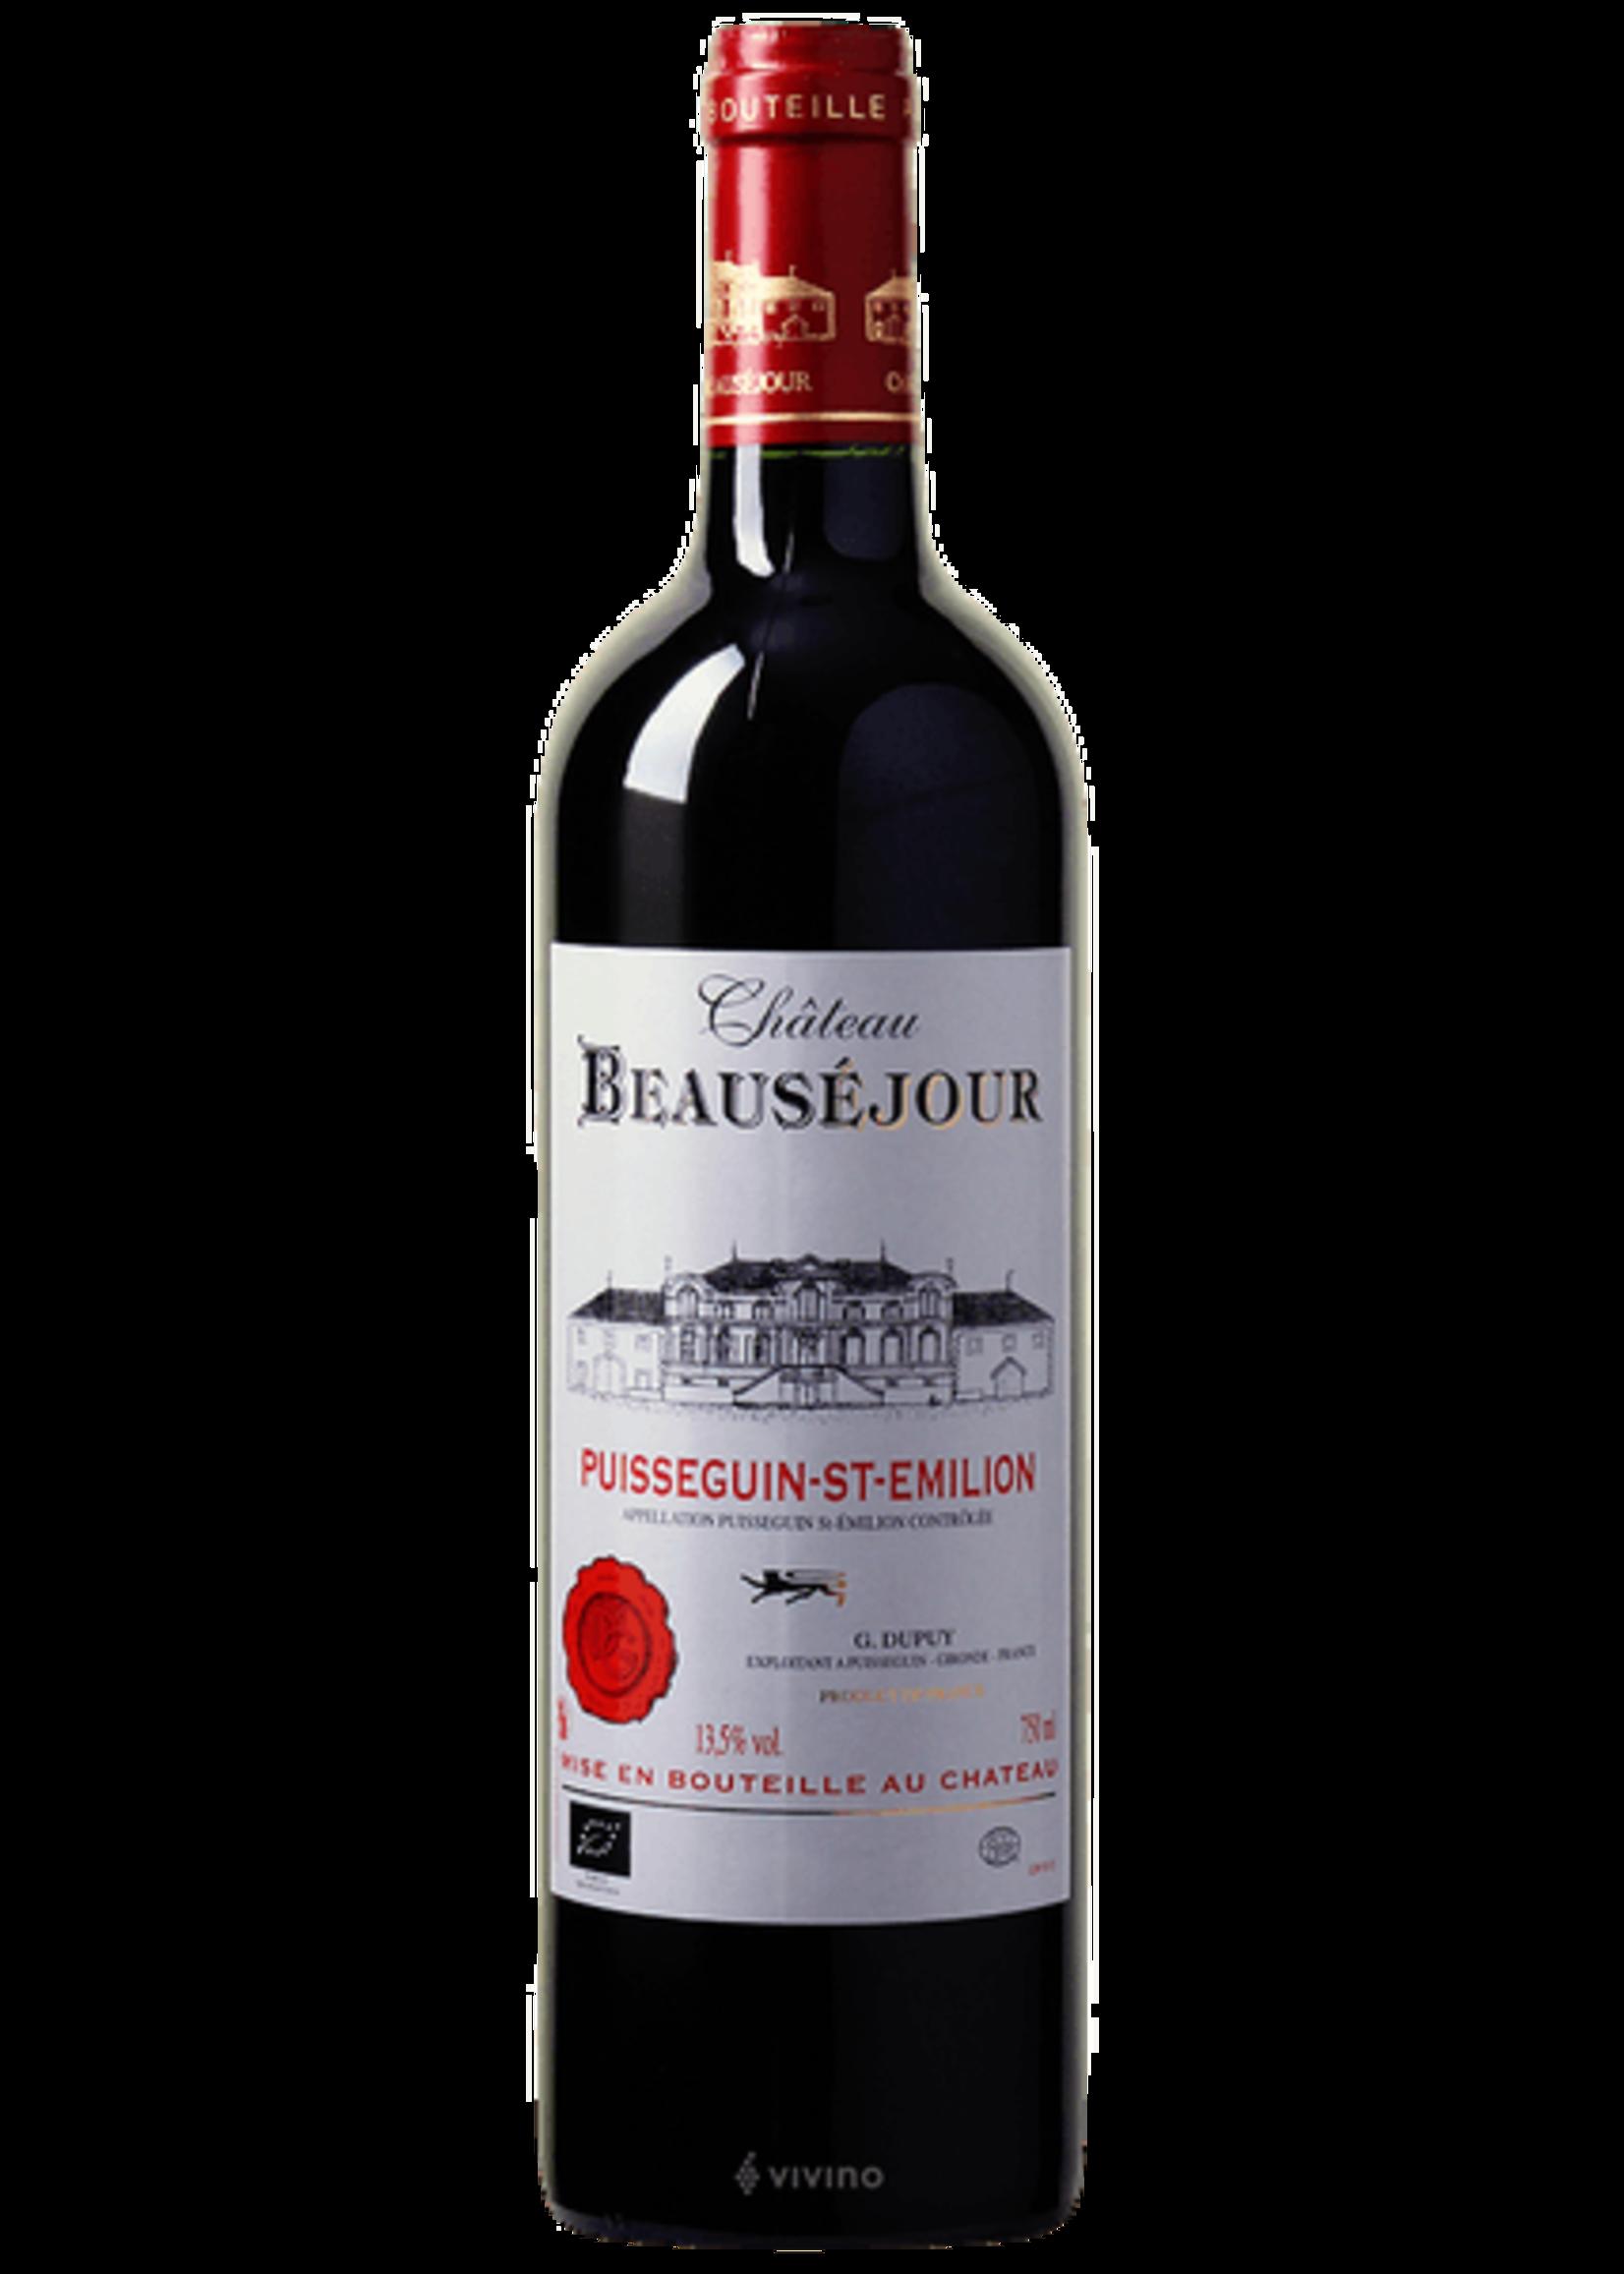 Chateau Beausejour Château Beauséjour / Puisseguin Saint-Émilion Cuvée Sulfite Free 2018 / 750mL